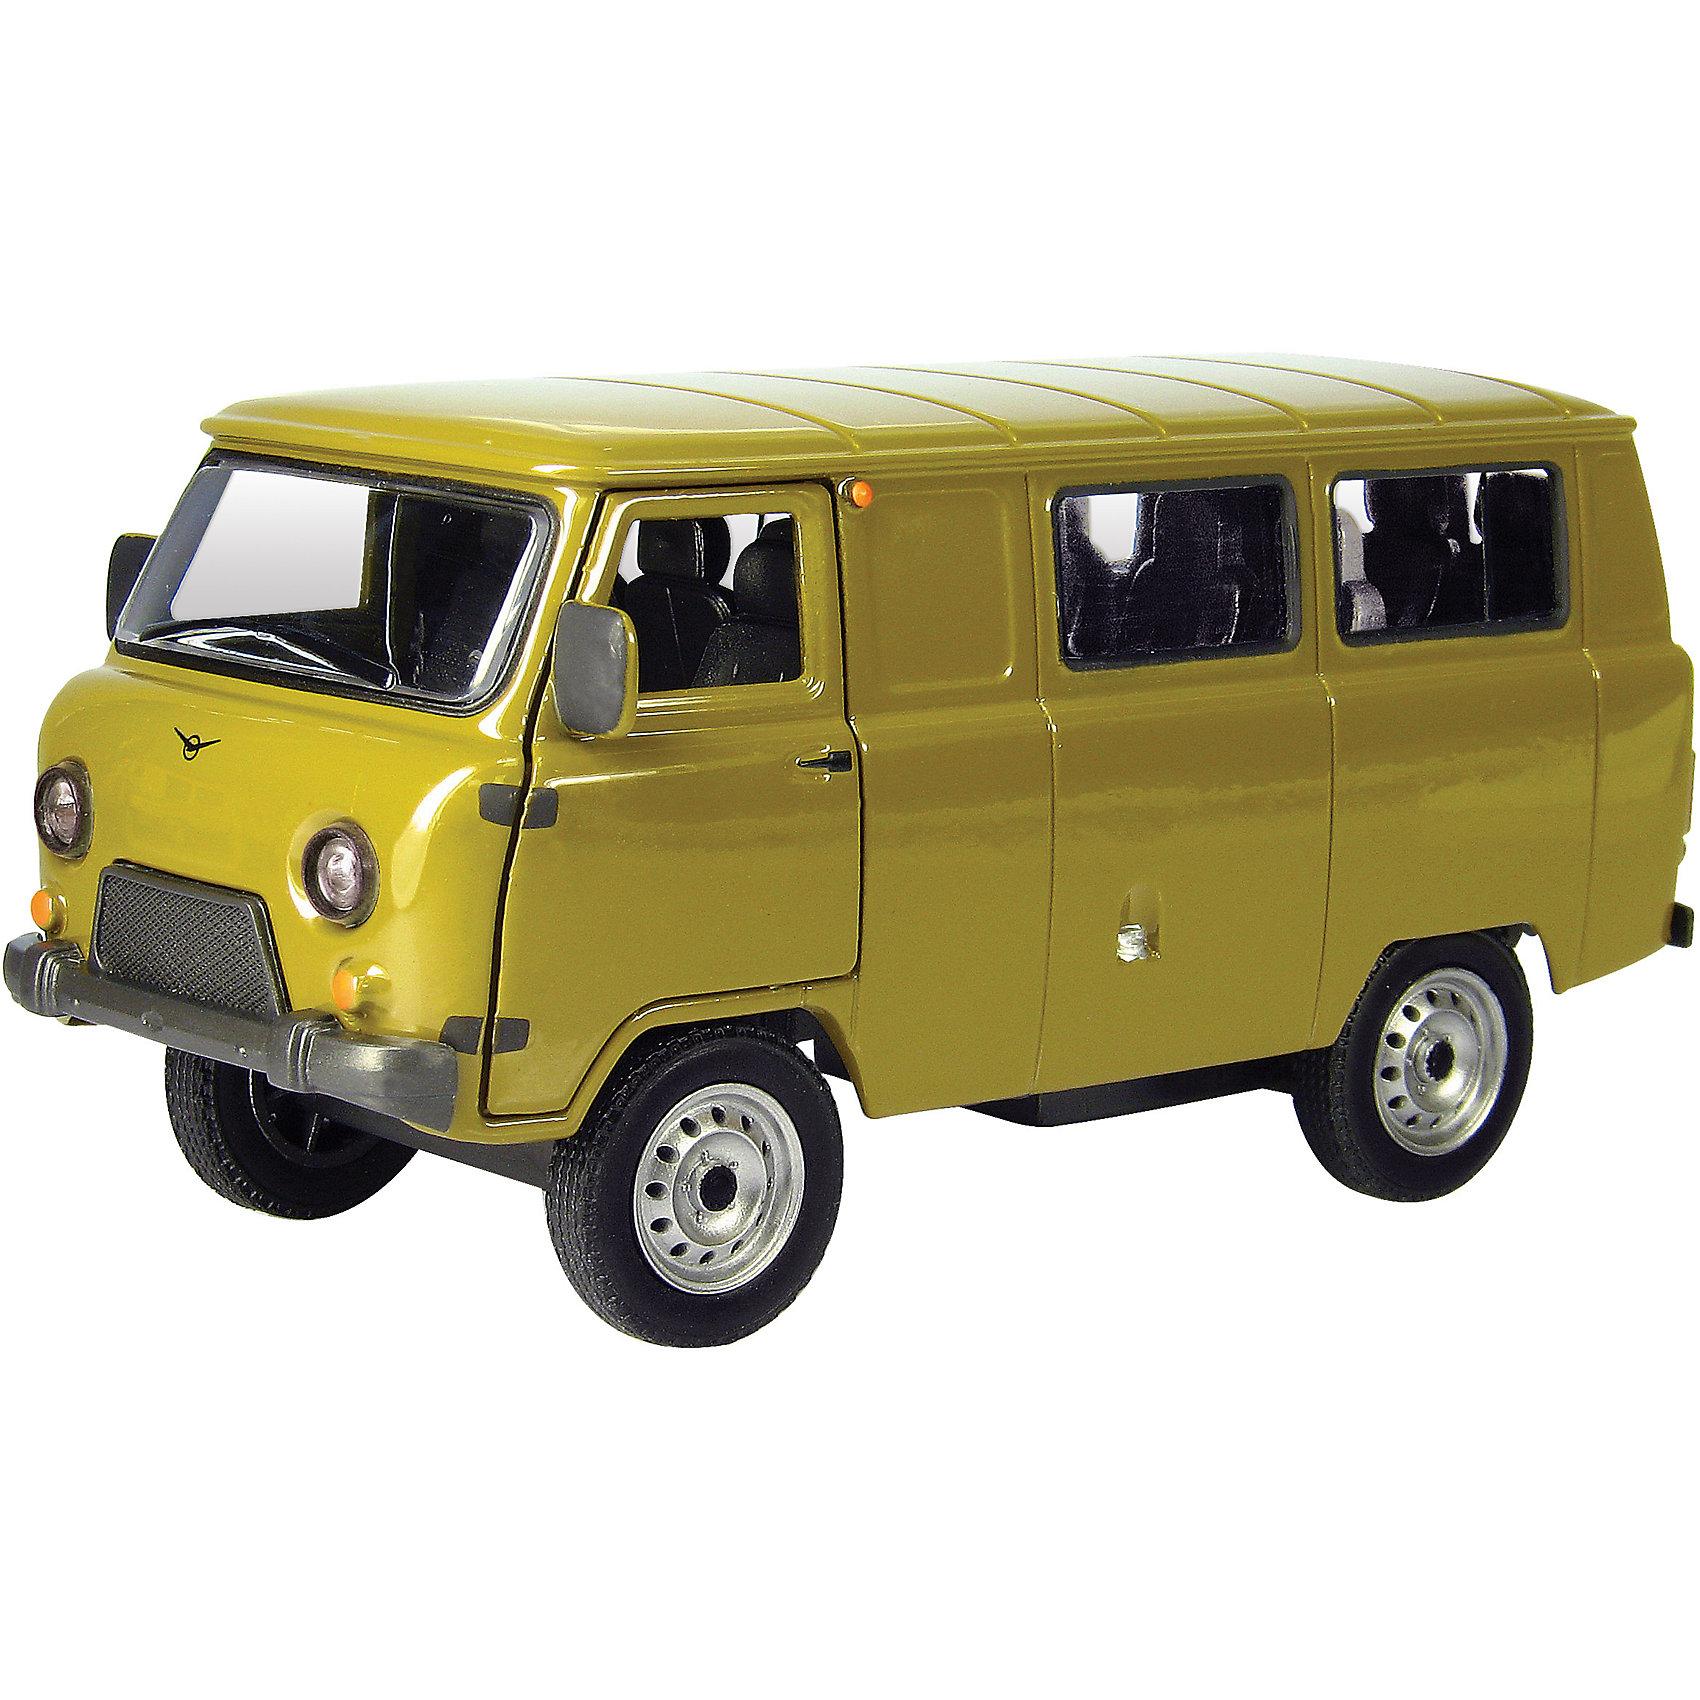 Машинка Ford Focus гражданская 1:36, AutotimeМашинки<br>Машинка Ford Focus гражданская 1:36, Autotime (Автотайм).<br><br>Характеристики:<br><br>• Масштаб 1:36<br>• Цвет: синий<br>• Материал: металл, пластик<br>• Упаковка: картонная коробка блистерного типа<br>• Размер упаковки: 16,5x5,7x7,2 см.<br><br>Машинка Ford Focus от Autotime (Автотайм) является уменьшенной копией настоящего автомобиля. Модель имеет высокую степень детализации. Корпус машинки изготовлен из металла, а все дополнительные элементы из пластика. Автомобиль качественно окрашен. Передние двери открываются, что позволяет рассмотреть салон изнутри в деталях. Машинка оснащена инерционным механизмом. Машинка Ford Focus станет хорошим подарком и ребенку, и коллекционеру моделей автомобилей.<br><br>Машинку Ford Focus гражданскую 1:36, Autotime (Автотайм) можно купить в нашем интернет-магазине.<br><br>Ширина мм: 165<br>Глубина мм: 57<br>Высота мм: 75<br>Вес г: 13<br>Возраст от месяцев: 36<br>Возраст до месяцев: 2147483647<br>Пол: Мужской<br>Возраст: Детский<br>SKU: 5583861